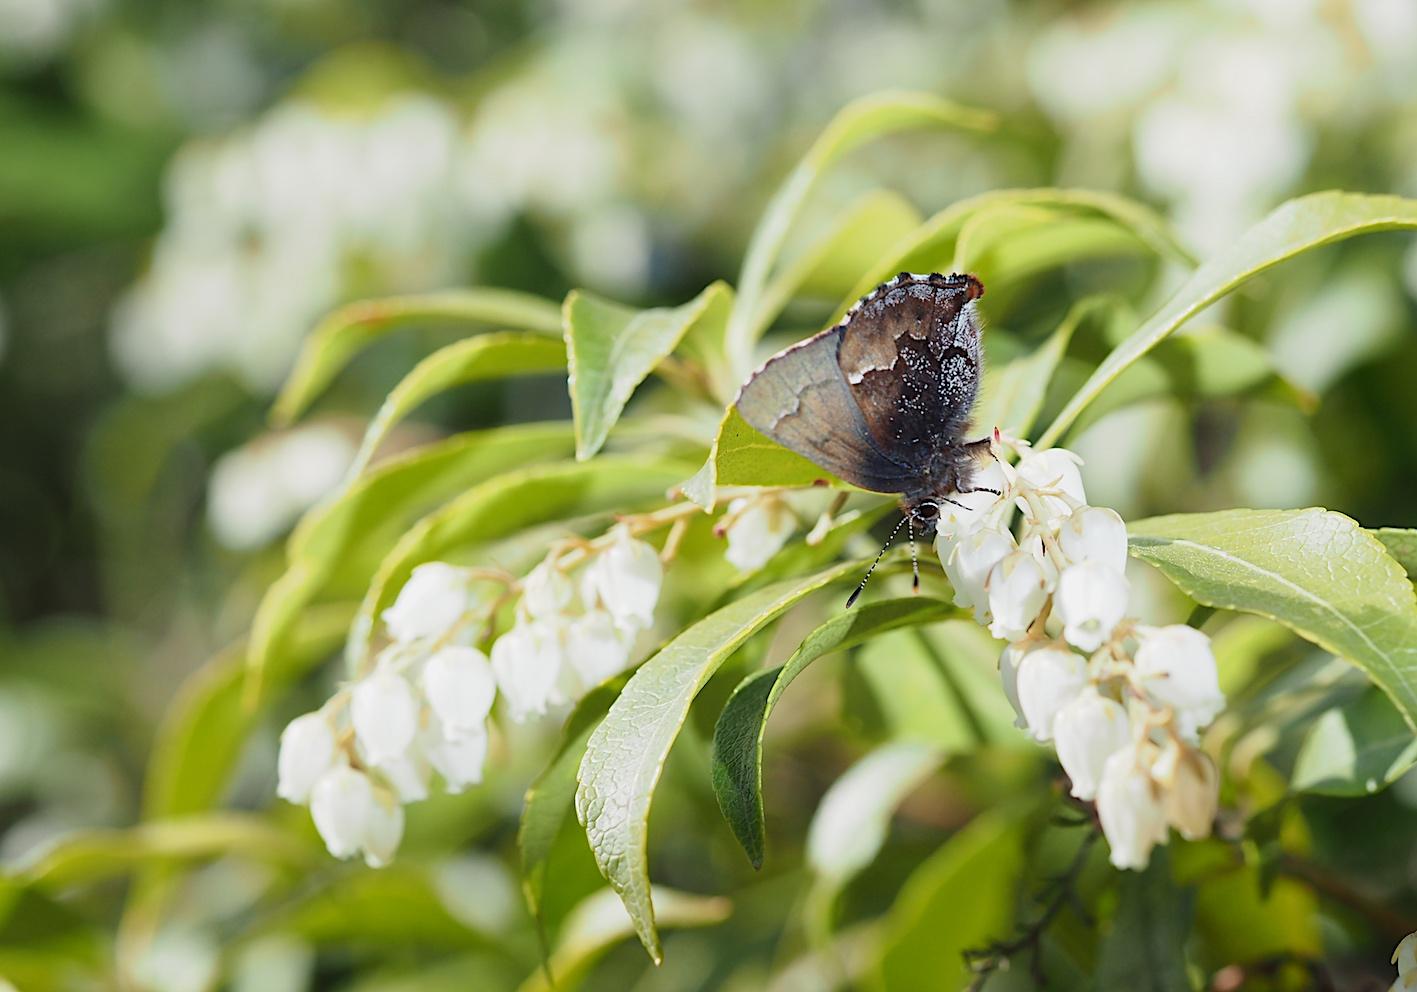 アセビにくる蝶たち、コツバメ(2019年3月27日)_d0303129_14193678.jpg